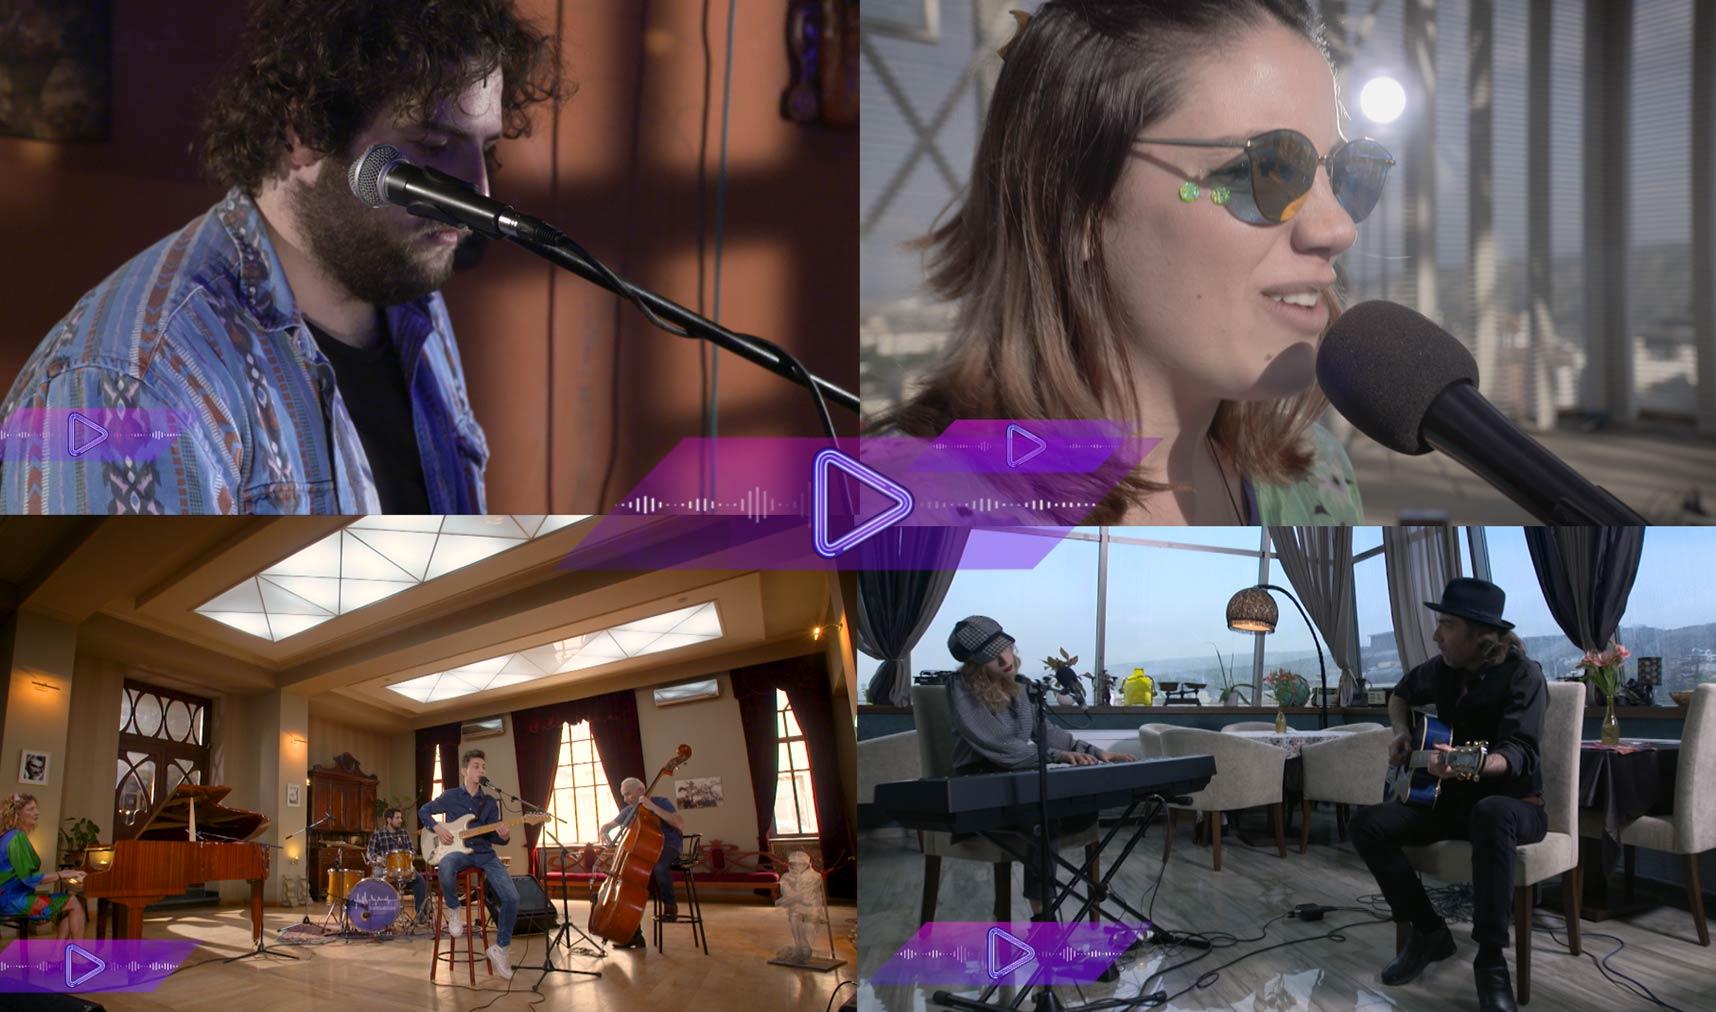 #აკუსტიკა თანამედროვე ქართული საავტორო მუსიკა